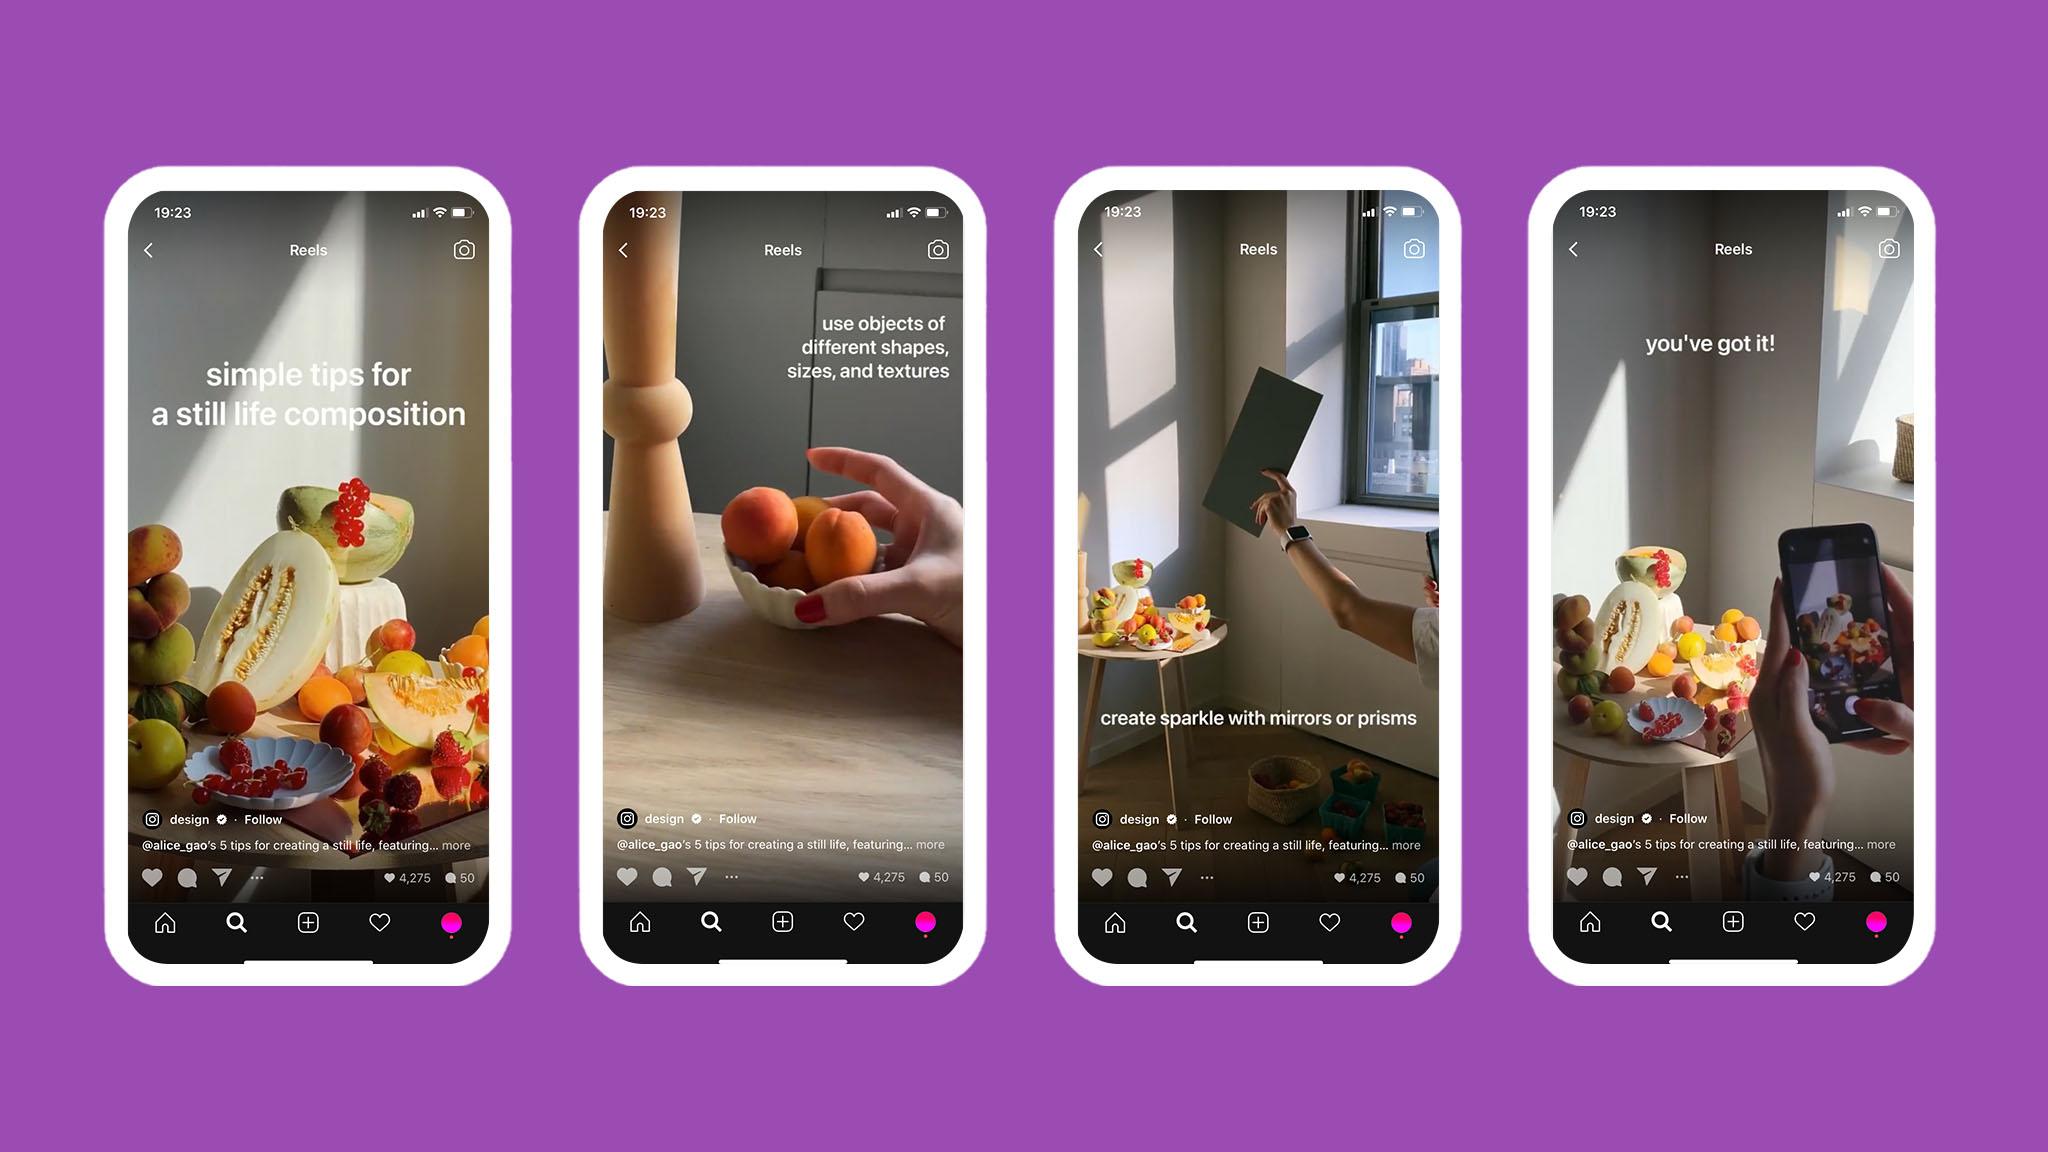 Instagram Reels là gì mà đến Đen Vâu cũng hào hứng tham gia? marketingreview.vn 2